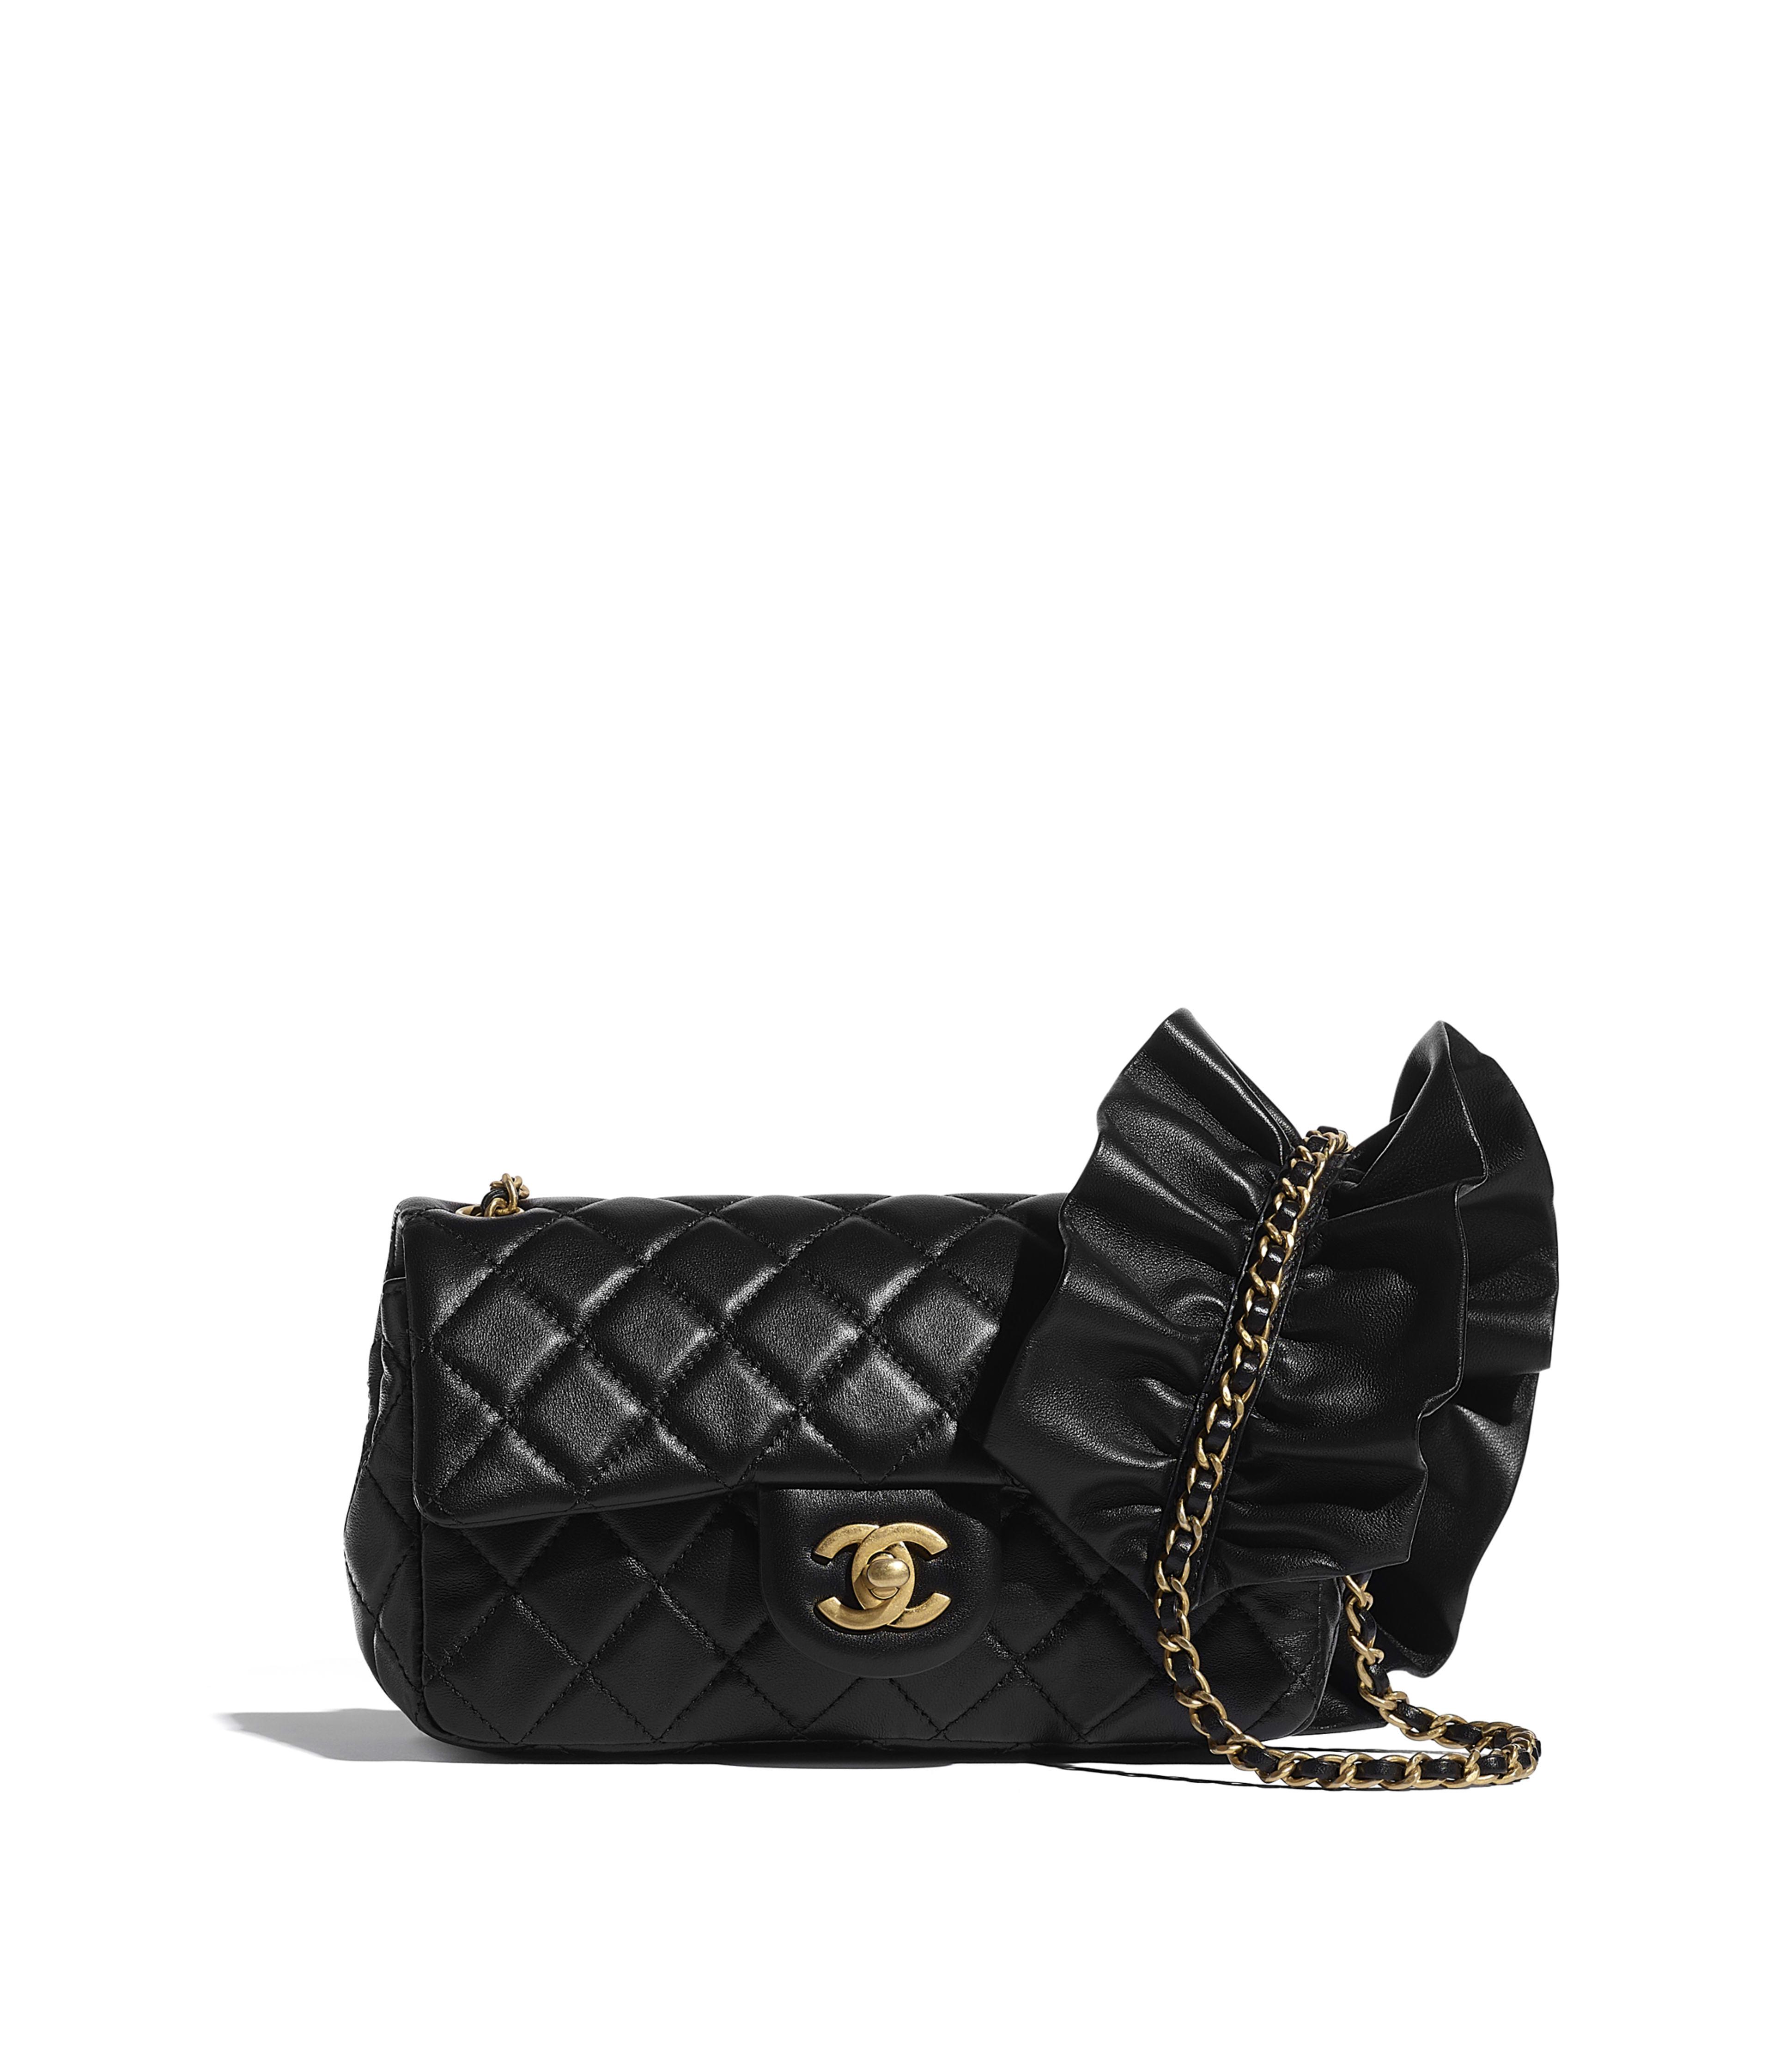 Borse Chanel In Vendita.Borse Moda Chanel